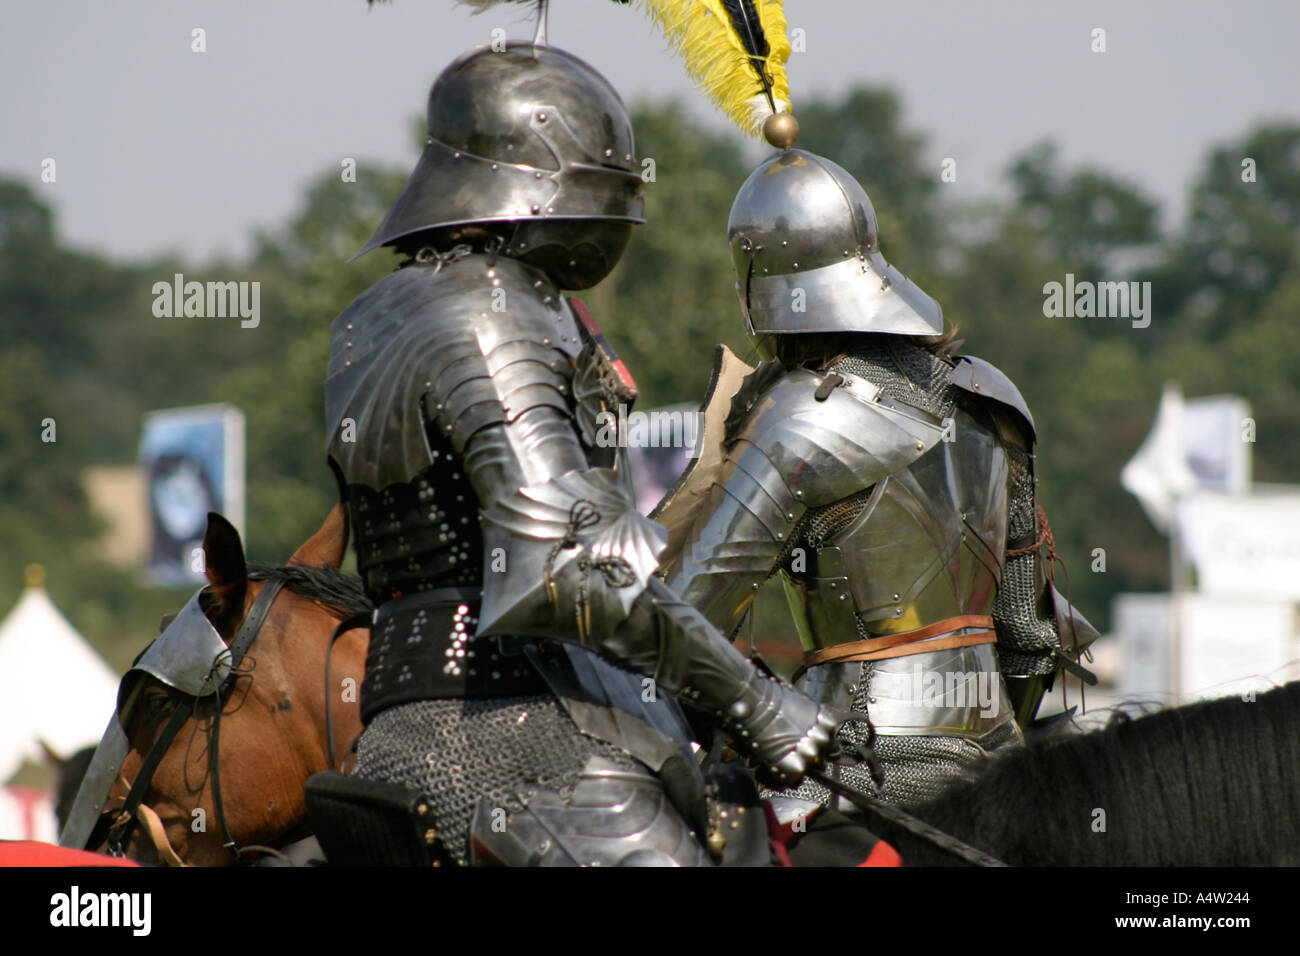 Il Cavaliere Nero giostre medievali Display Immagini Stock